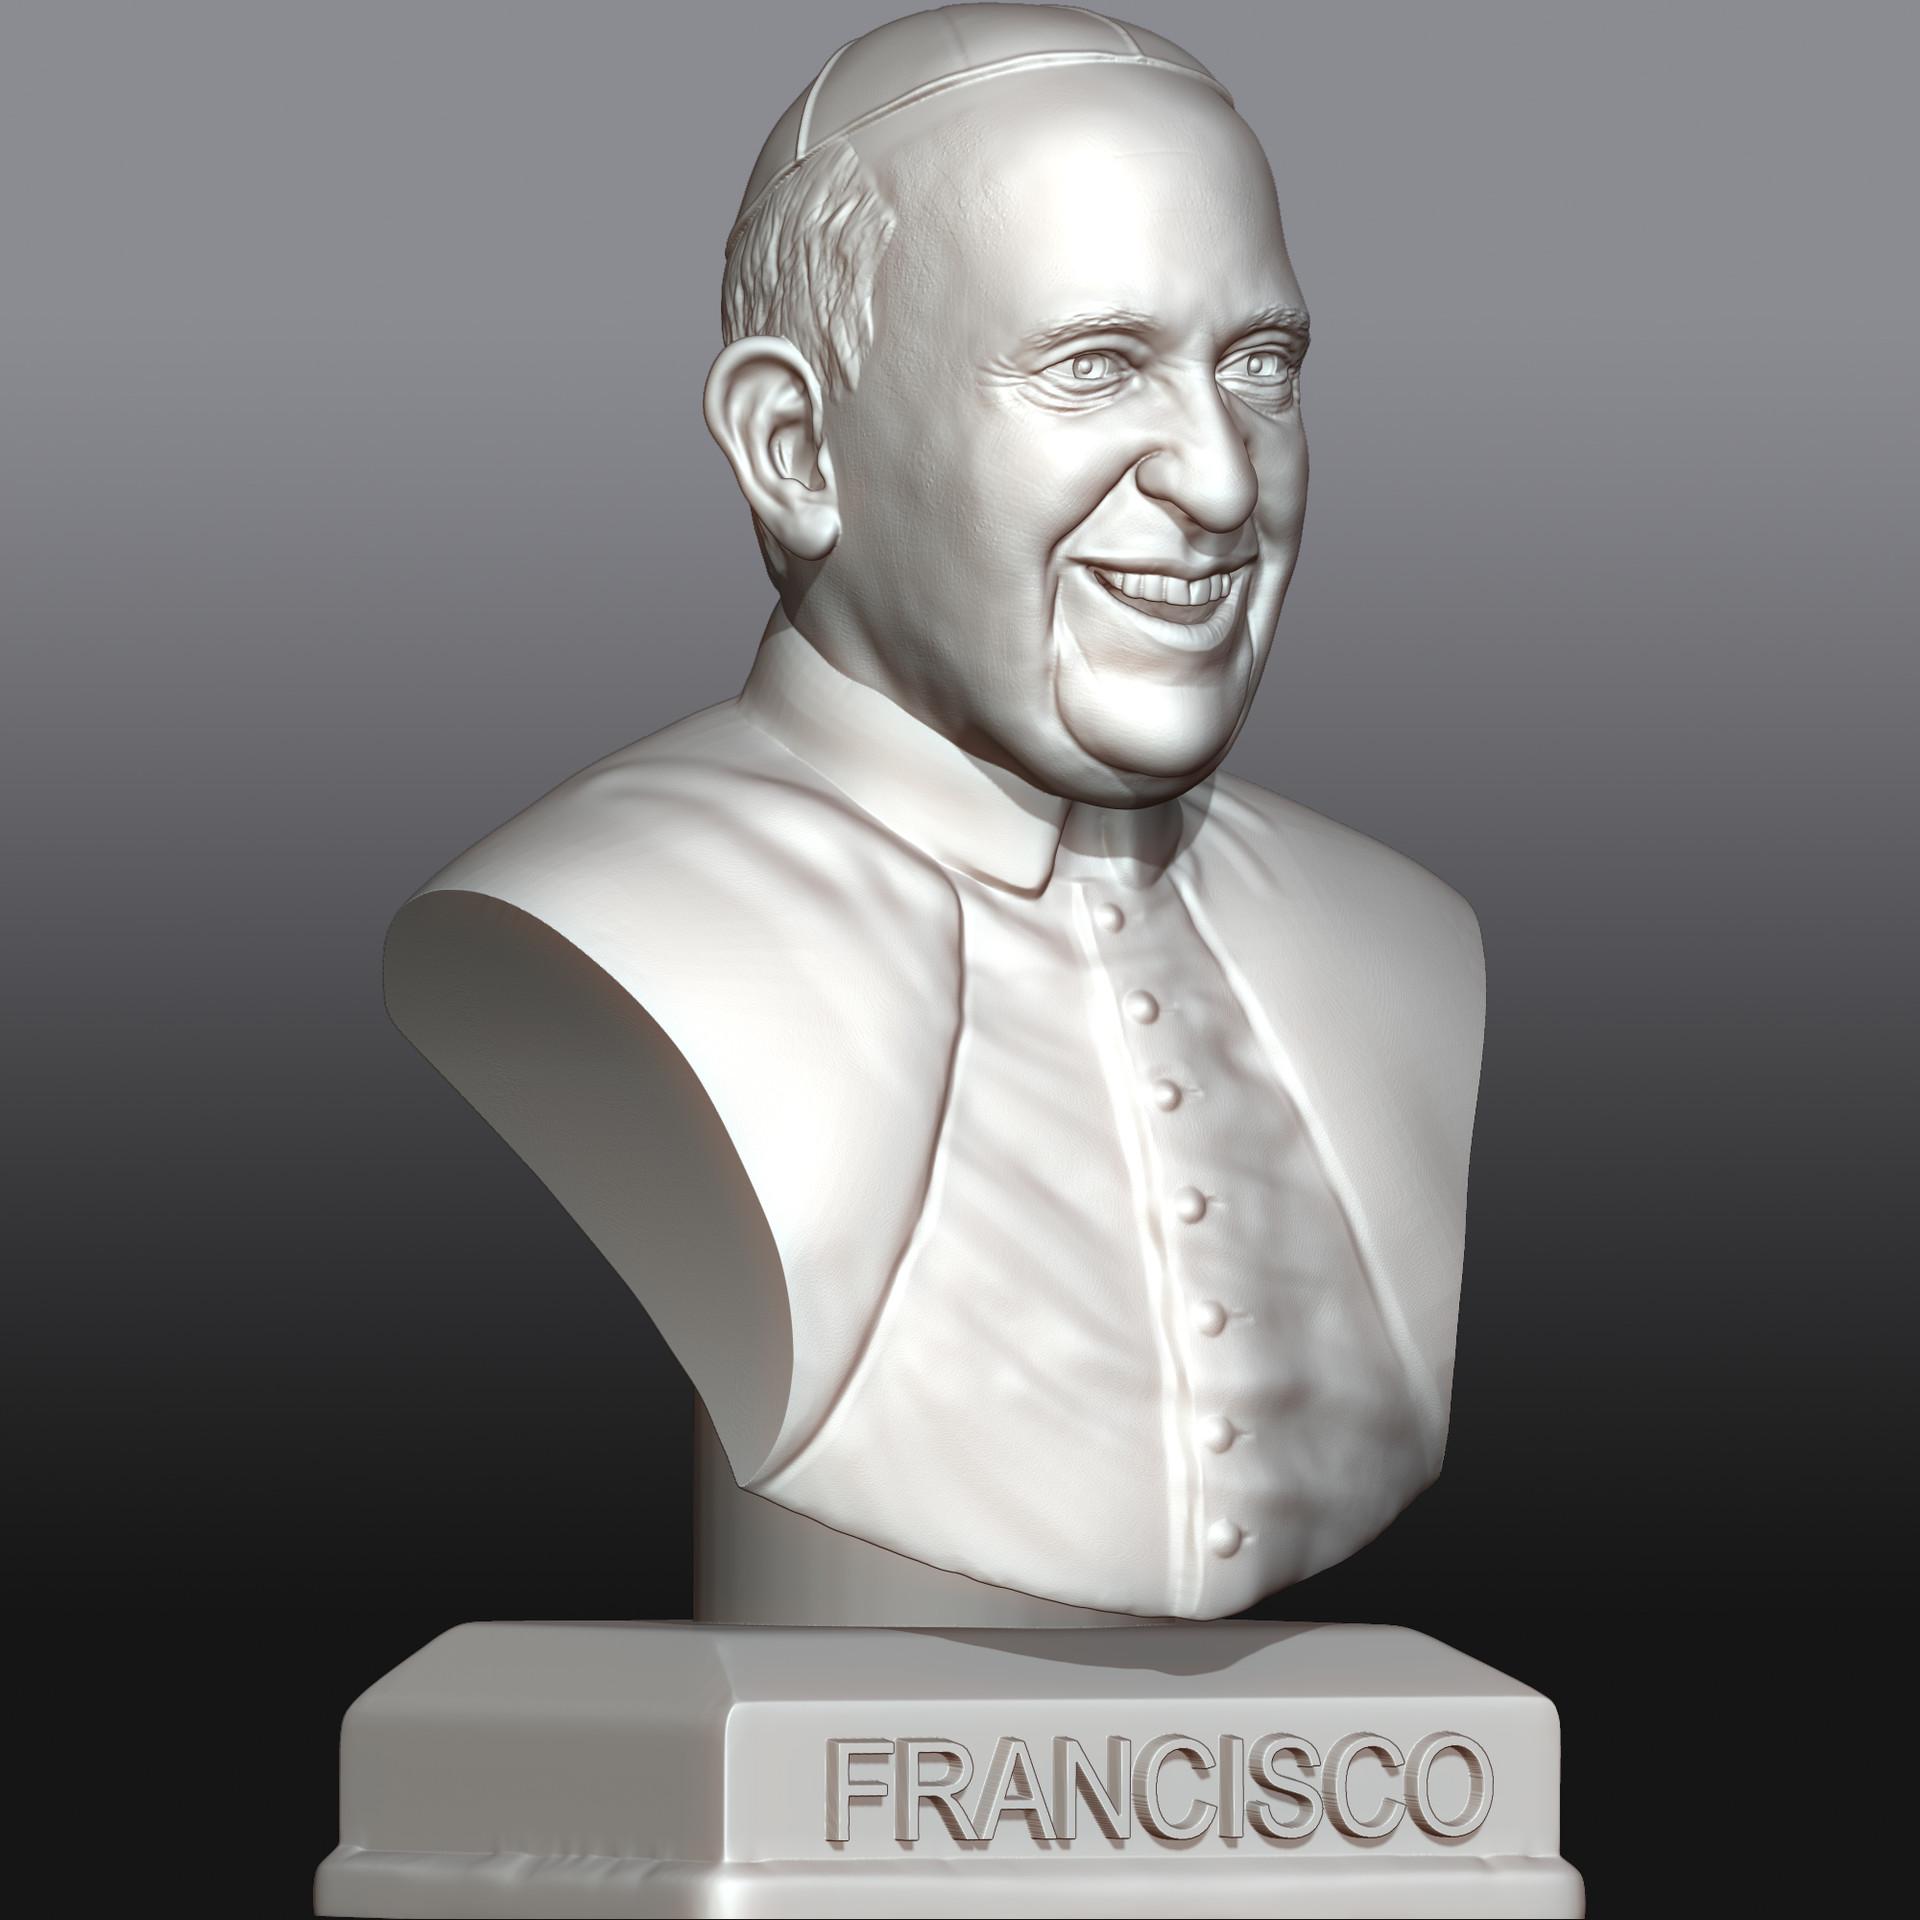 Tomislav veg pope francis 3quarter